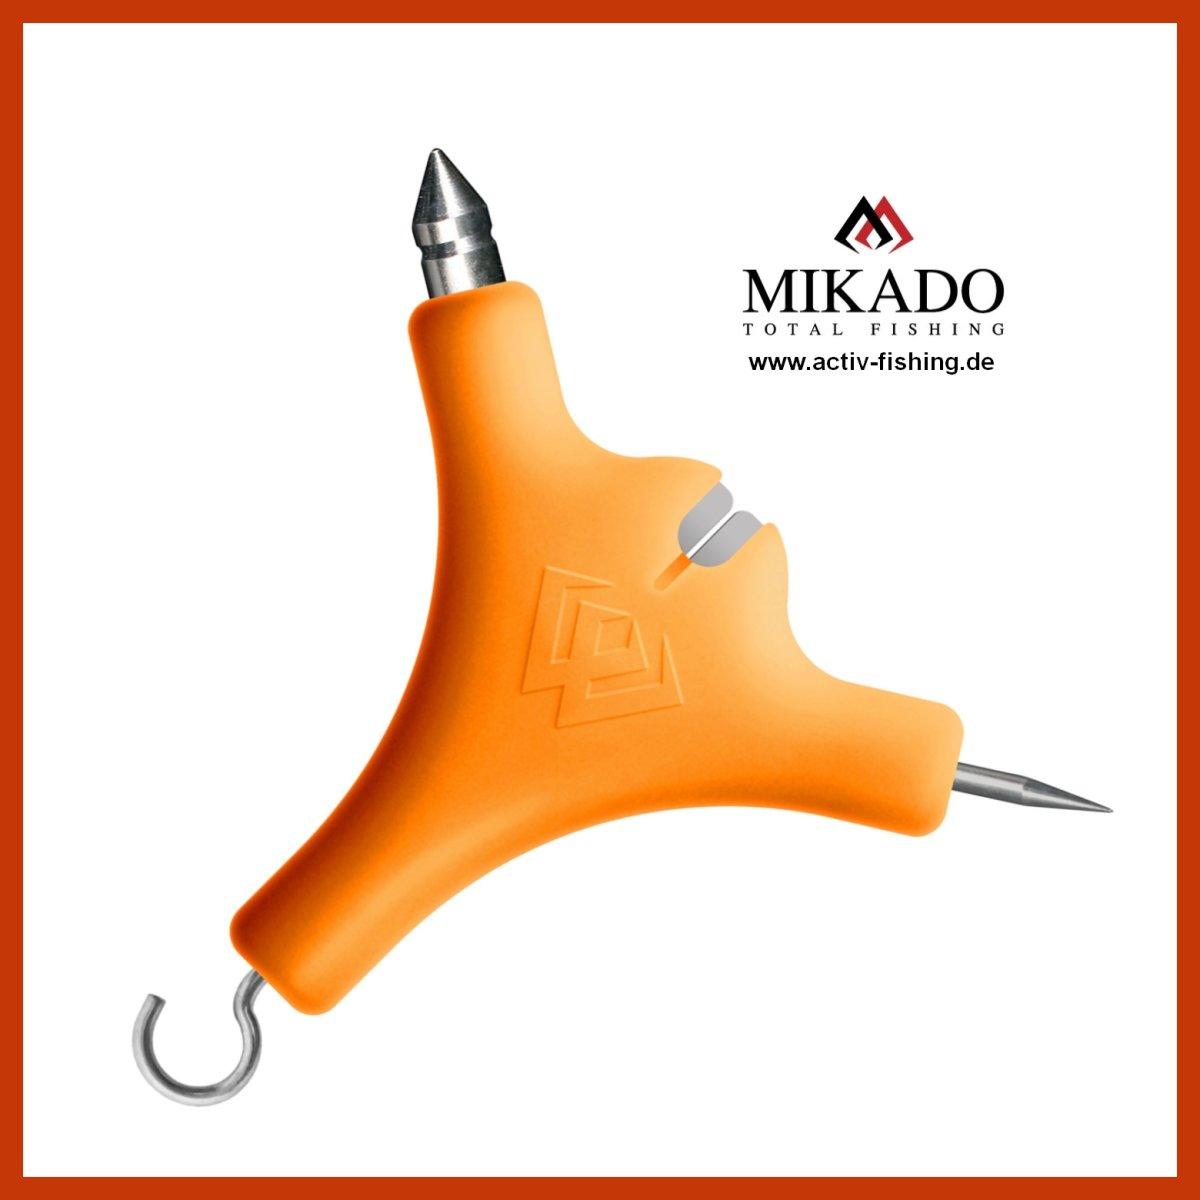 MIKADO MULTITOOL Tension Bar Vorfachwerkzeug für Knoten und Montagen